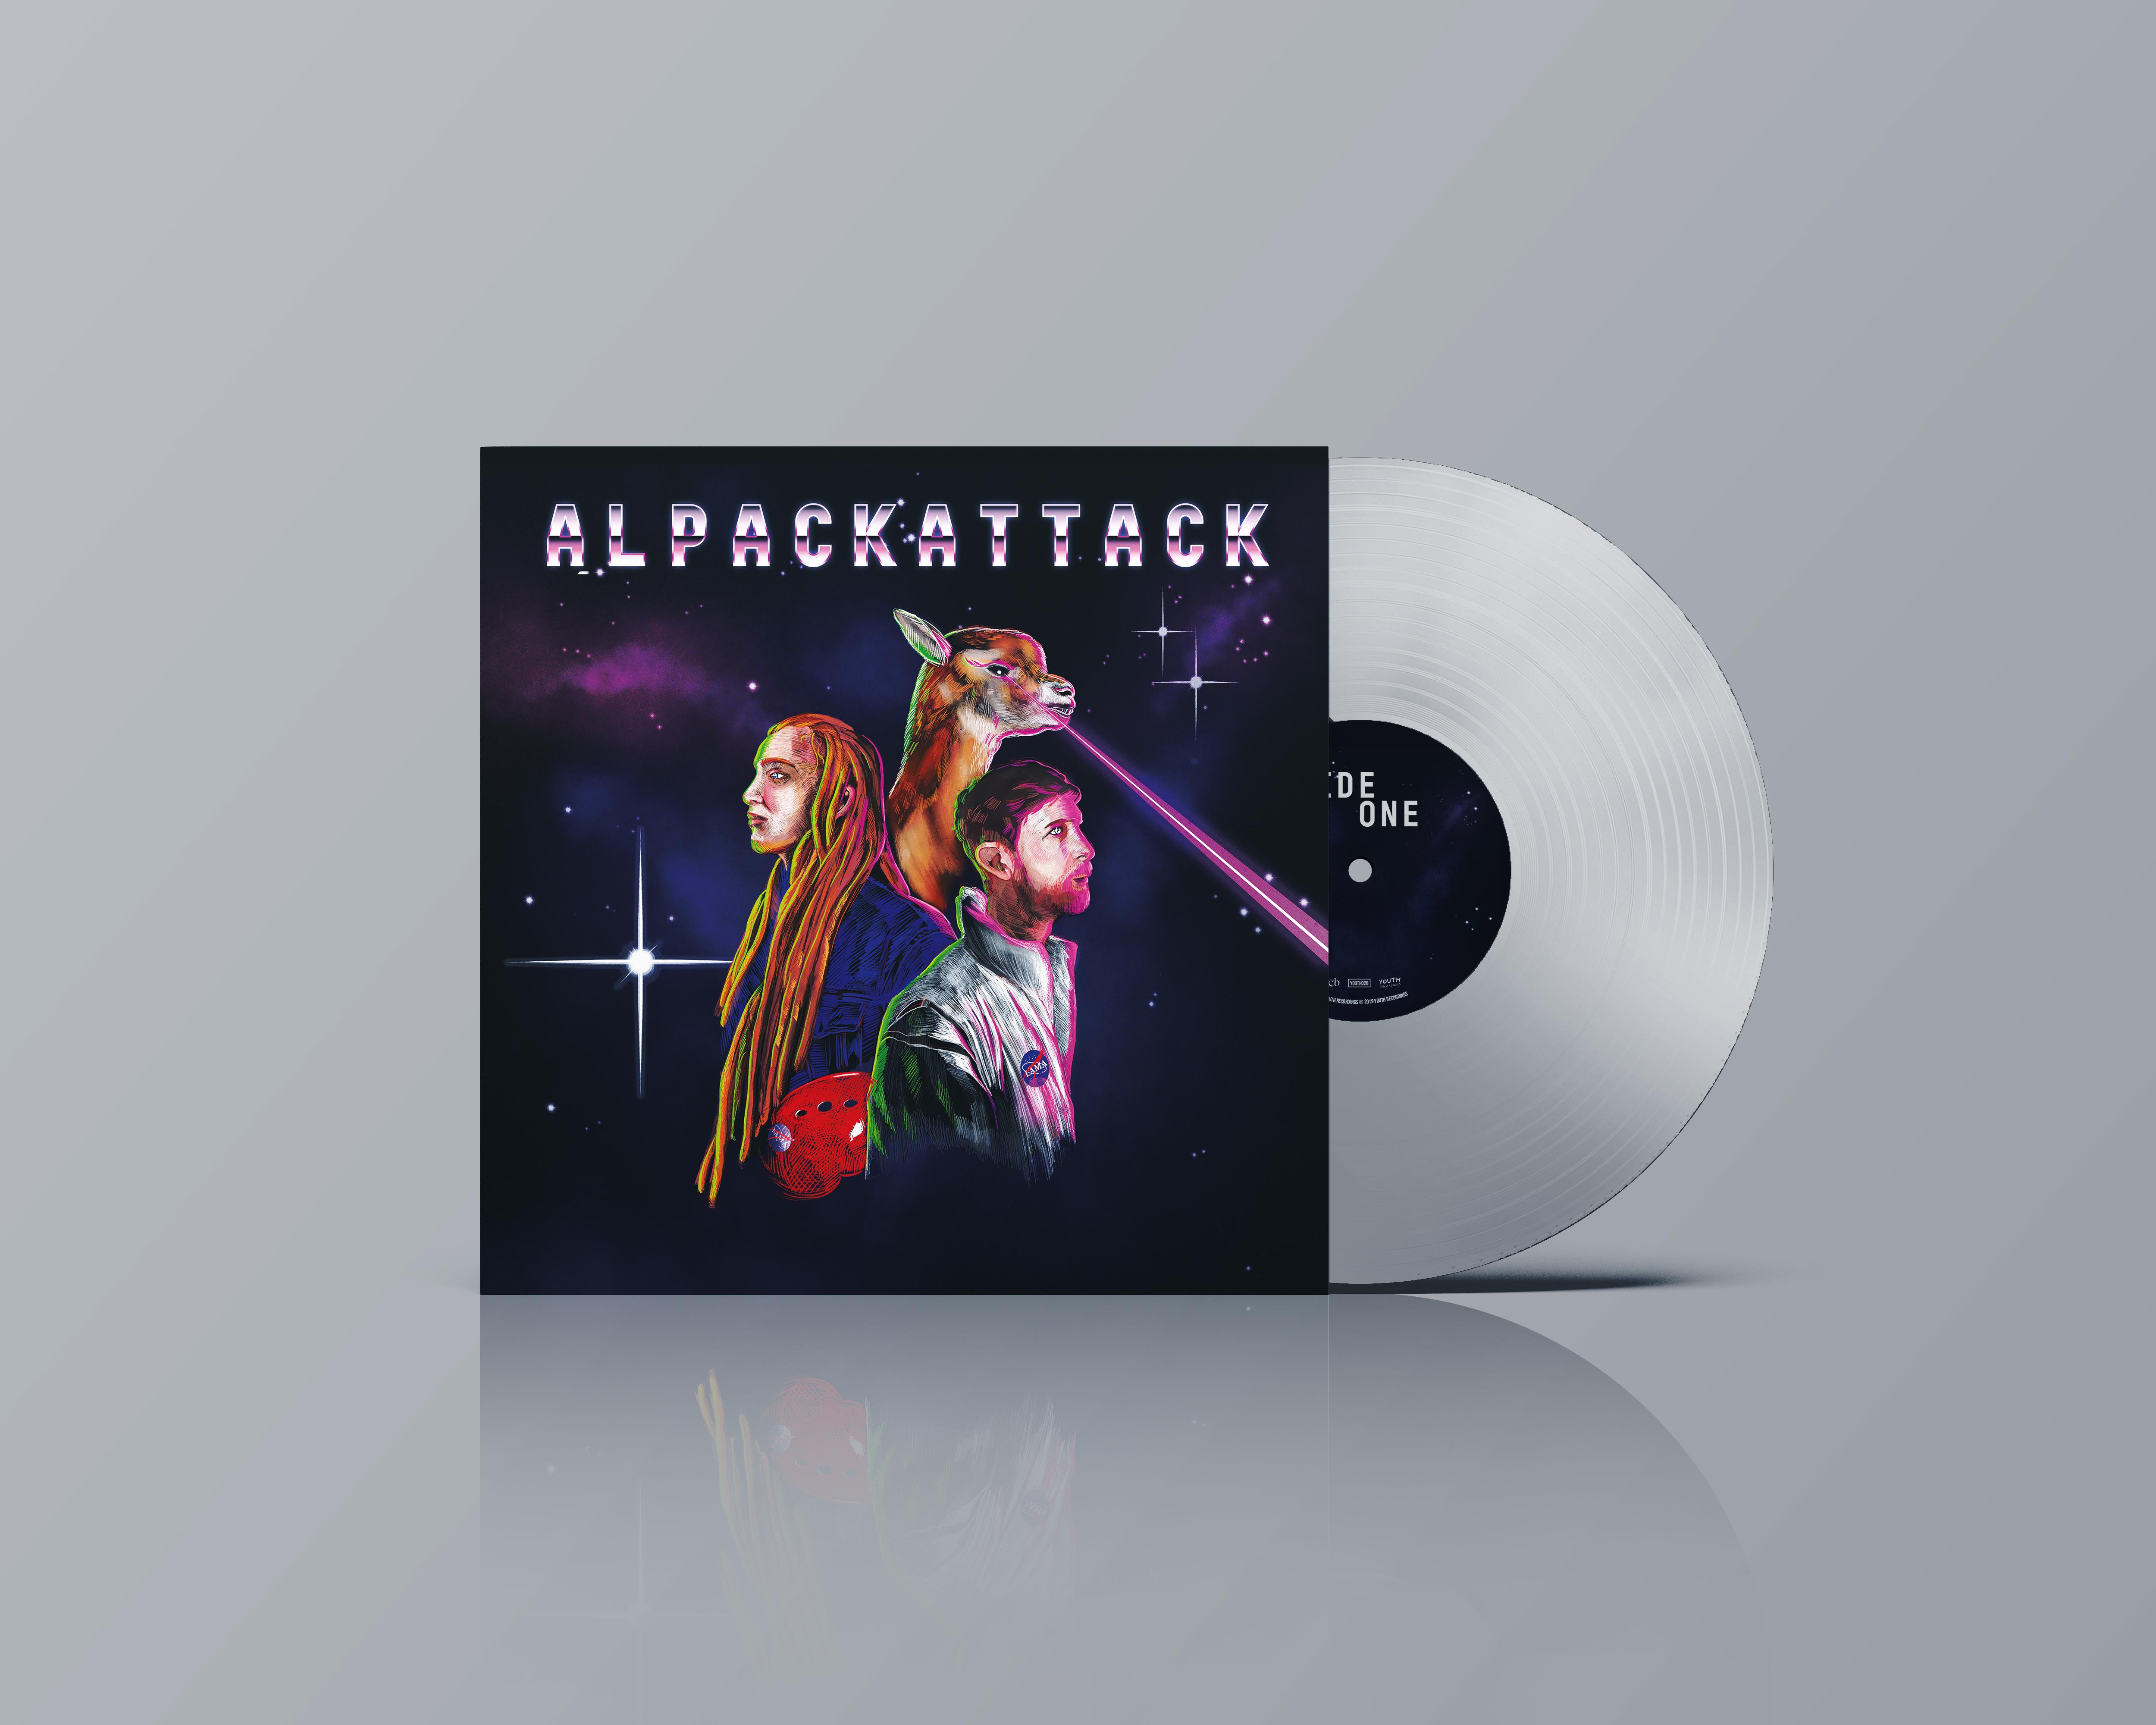 AlpackAttack Album